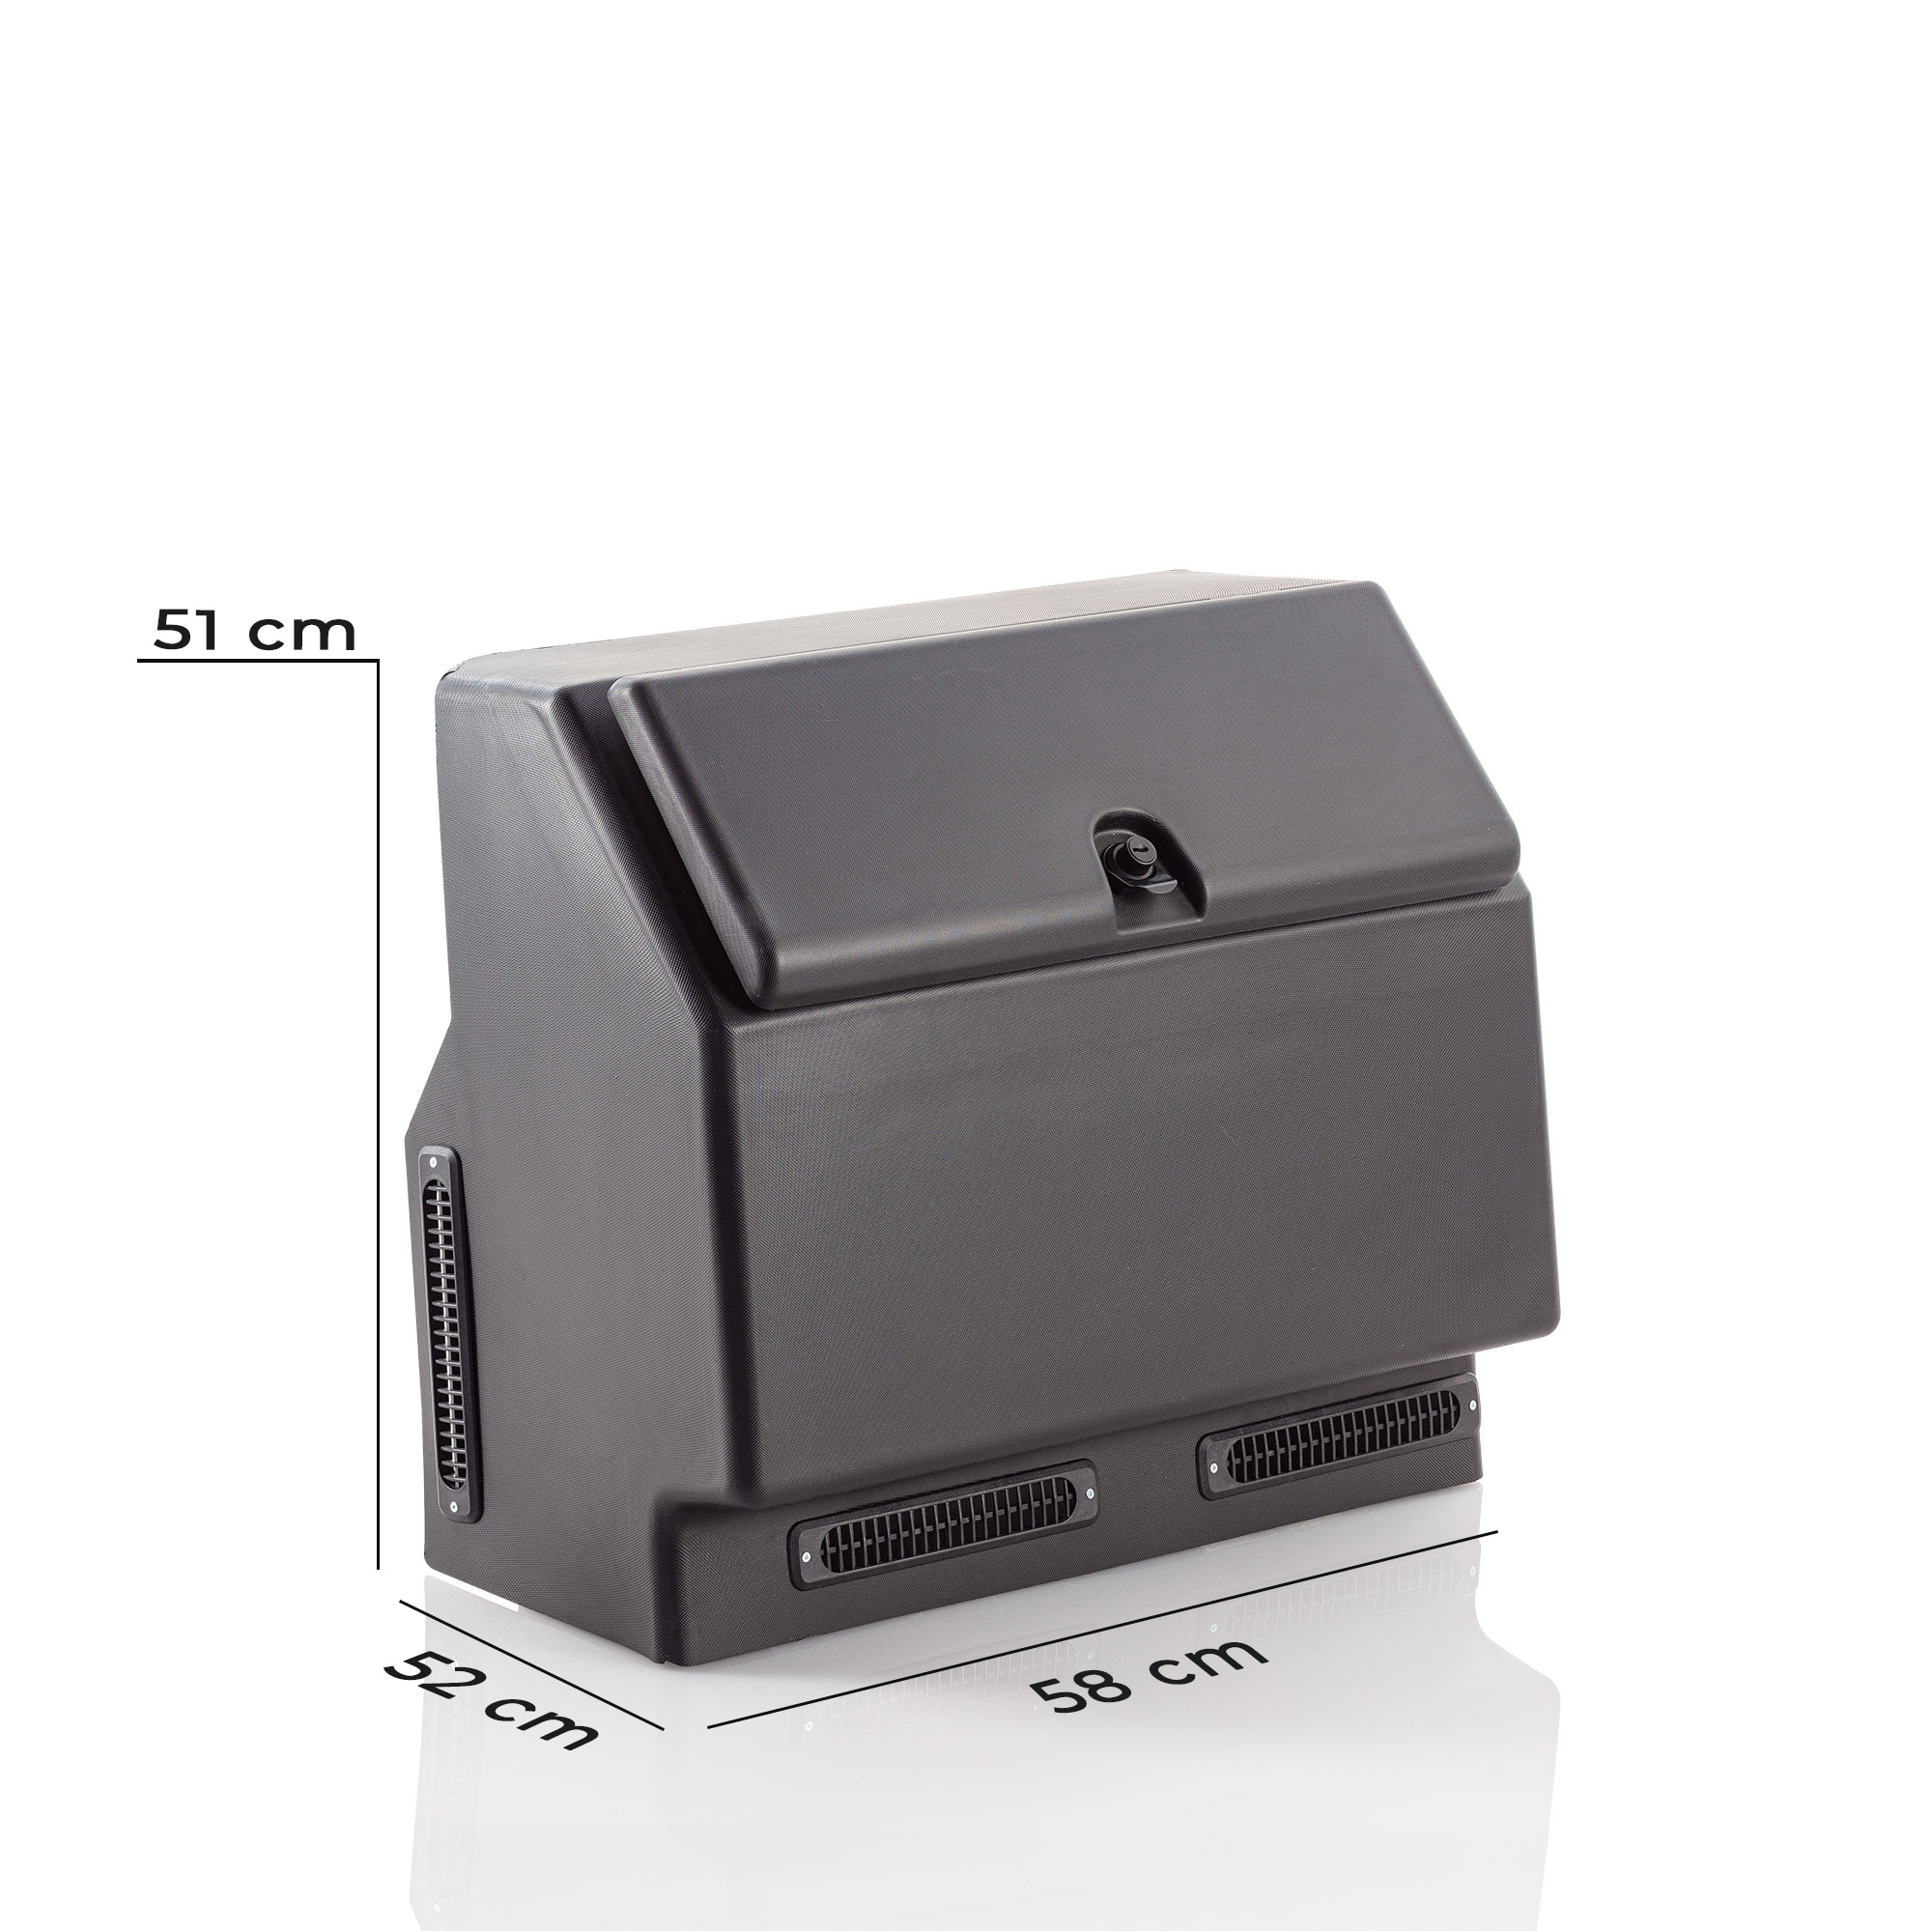 MPB 5852 / 40 LT Soğutucu Araç Buzdolabı